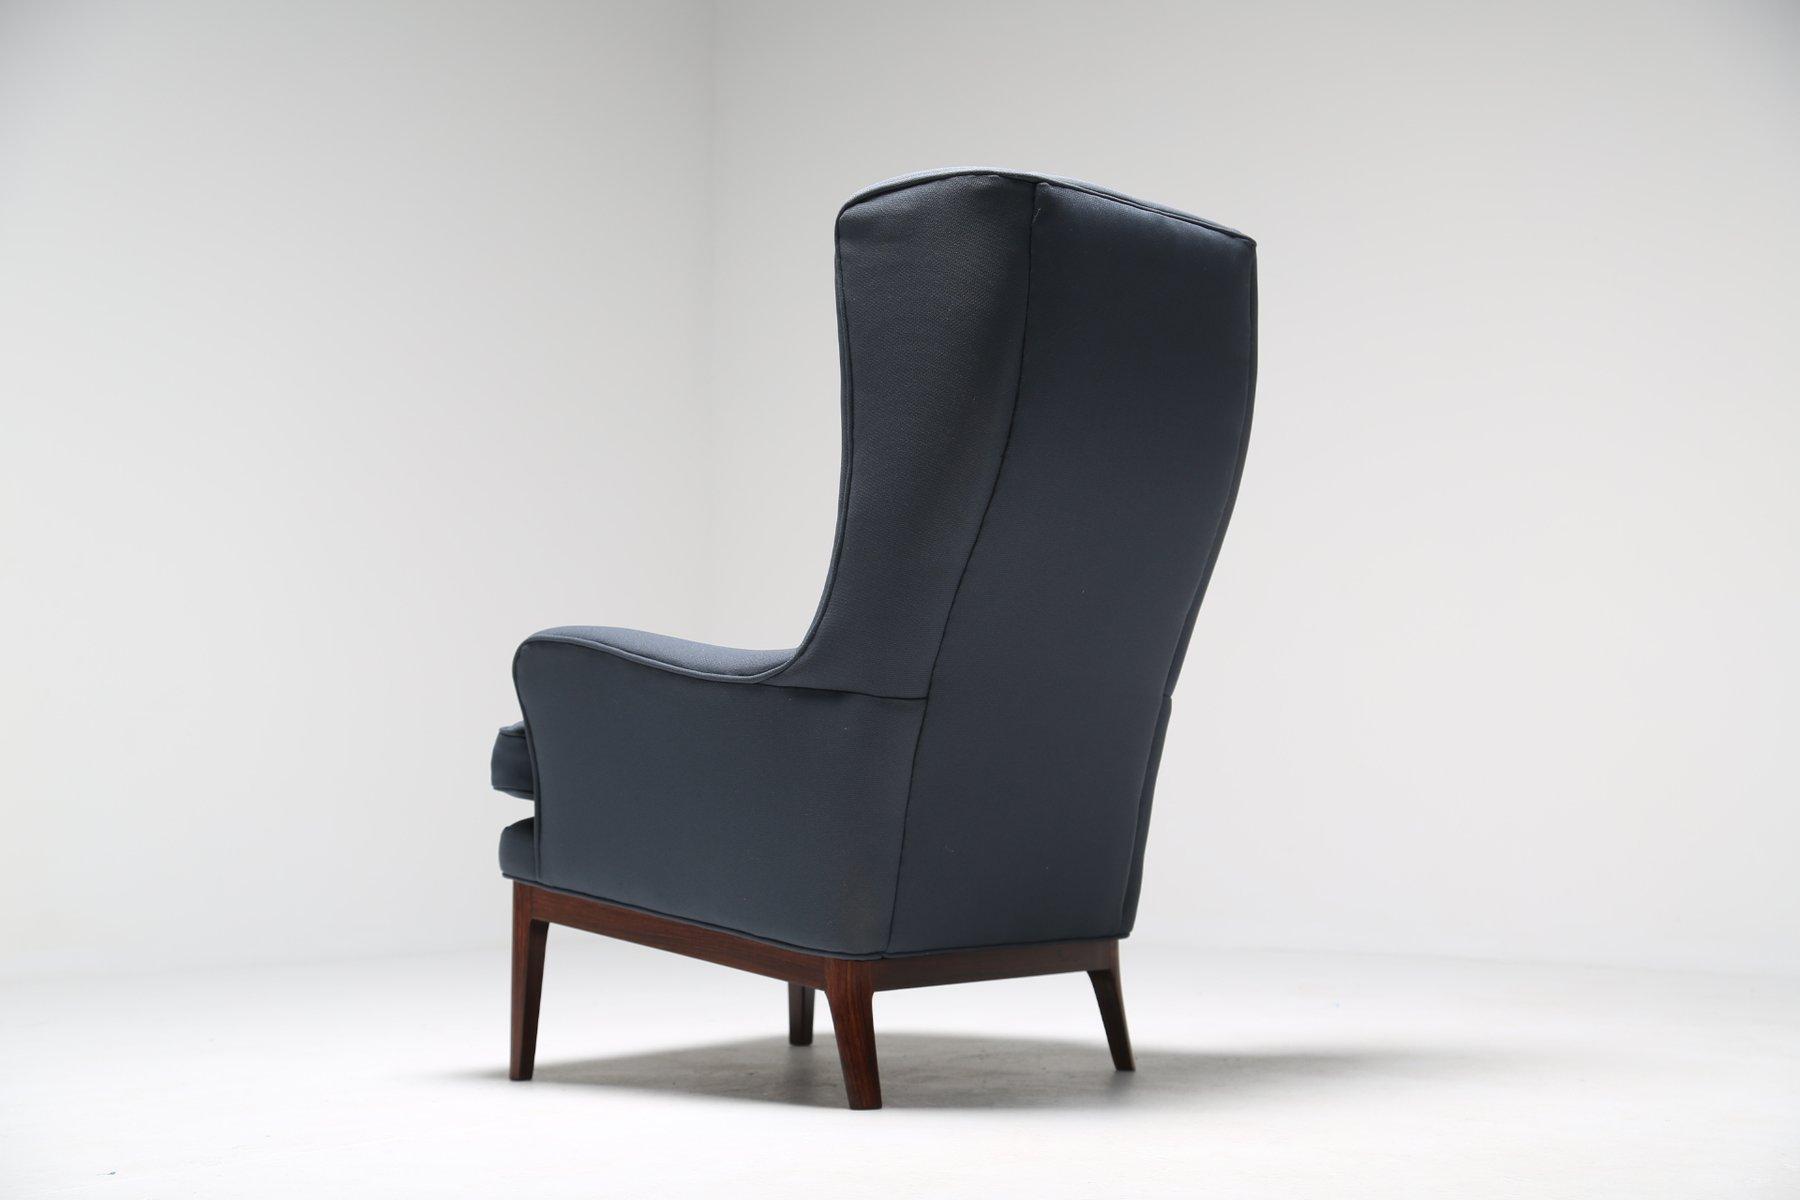 mid century modern ohrensessel von arne norell bei pamono. Black Bedroom Furniture Sets. Home Design Ideas